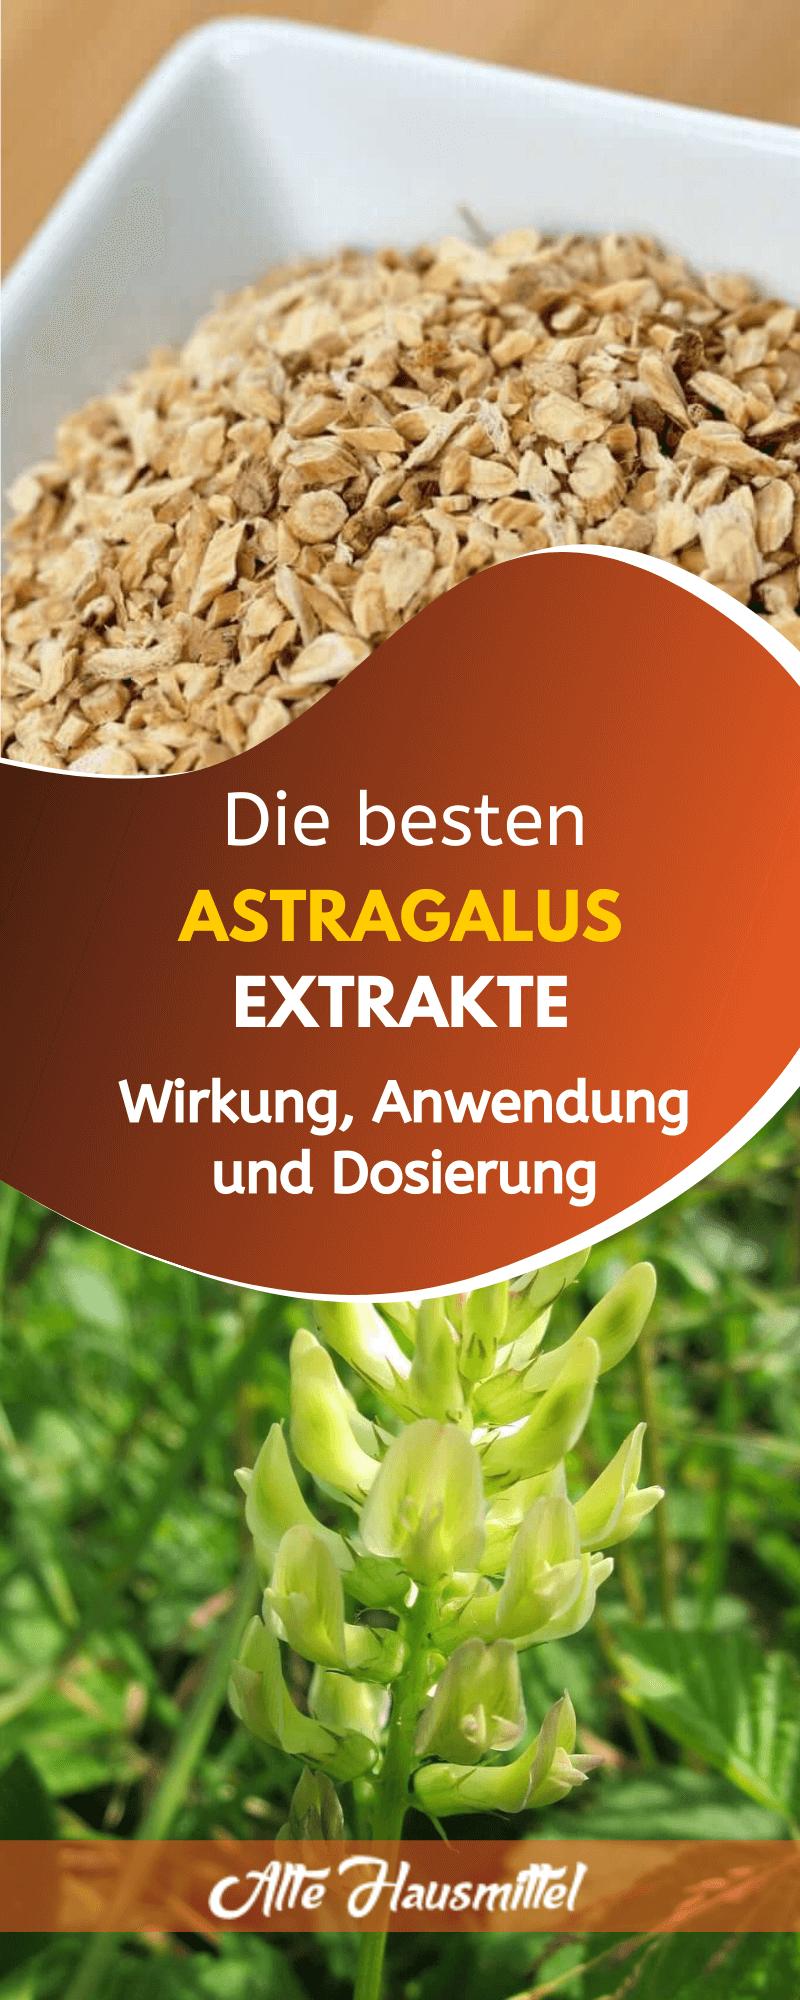 Die besten Astragalus Extrakte: Wirkung, Anwendung und Dosierung